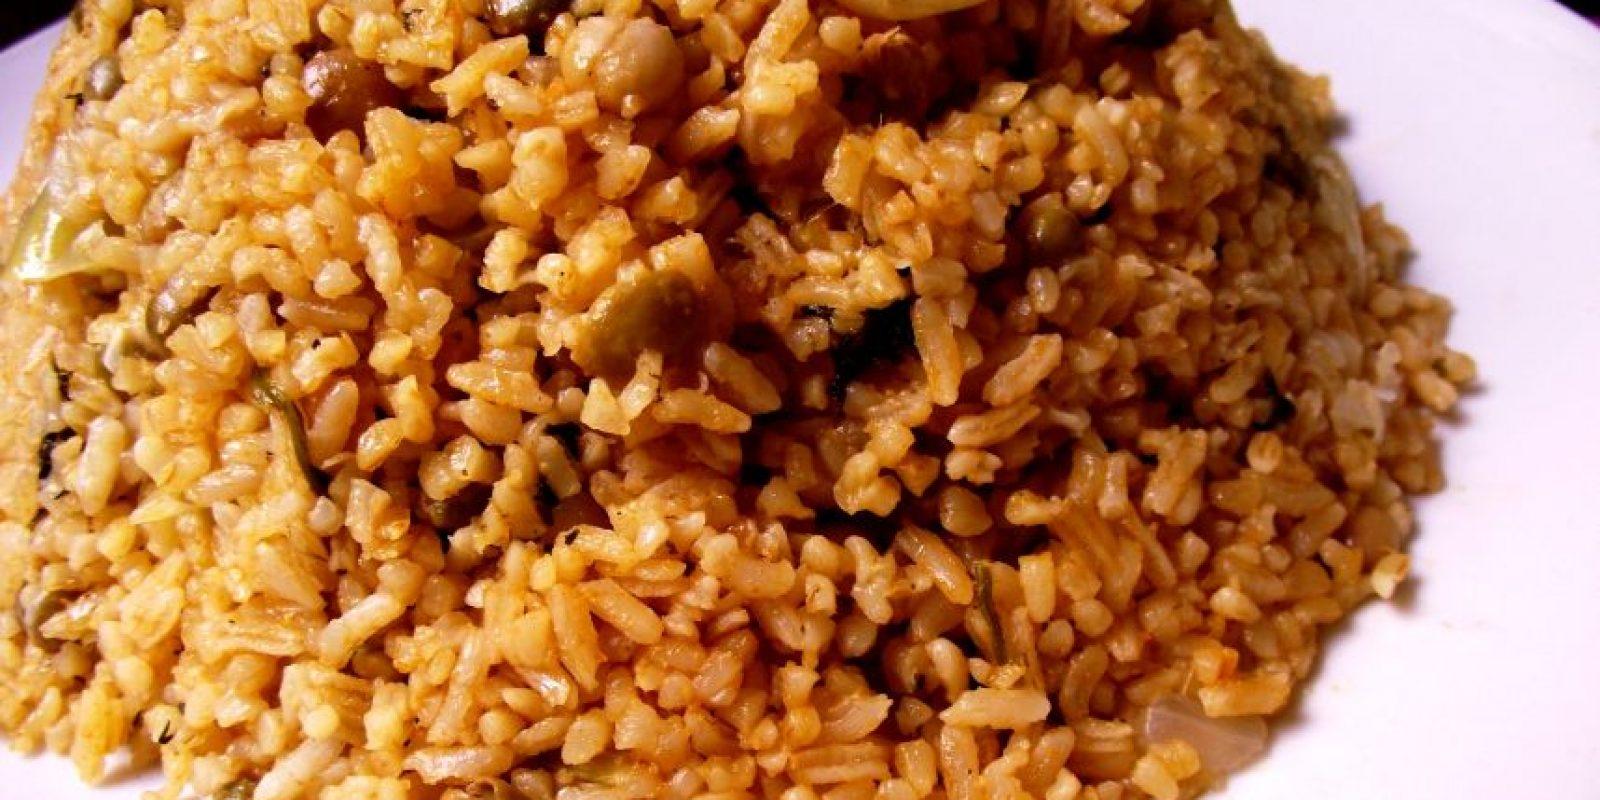 3- Moro. Es una mezcla de habichuelas, guandules o cualquier tipo de grano con arroz. Su preparación es muy fácil. Sofríes los sazones: salsa, recaíto, ají gustoso y cubanela, cebolla, ajo, aceite y sal al gusto. Foto:Fuente externa